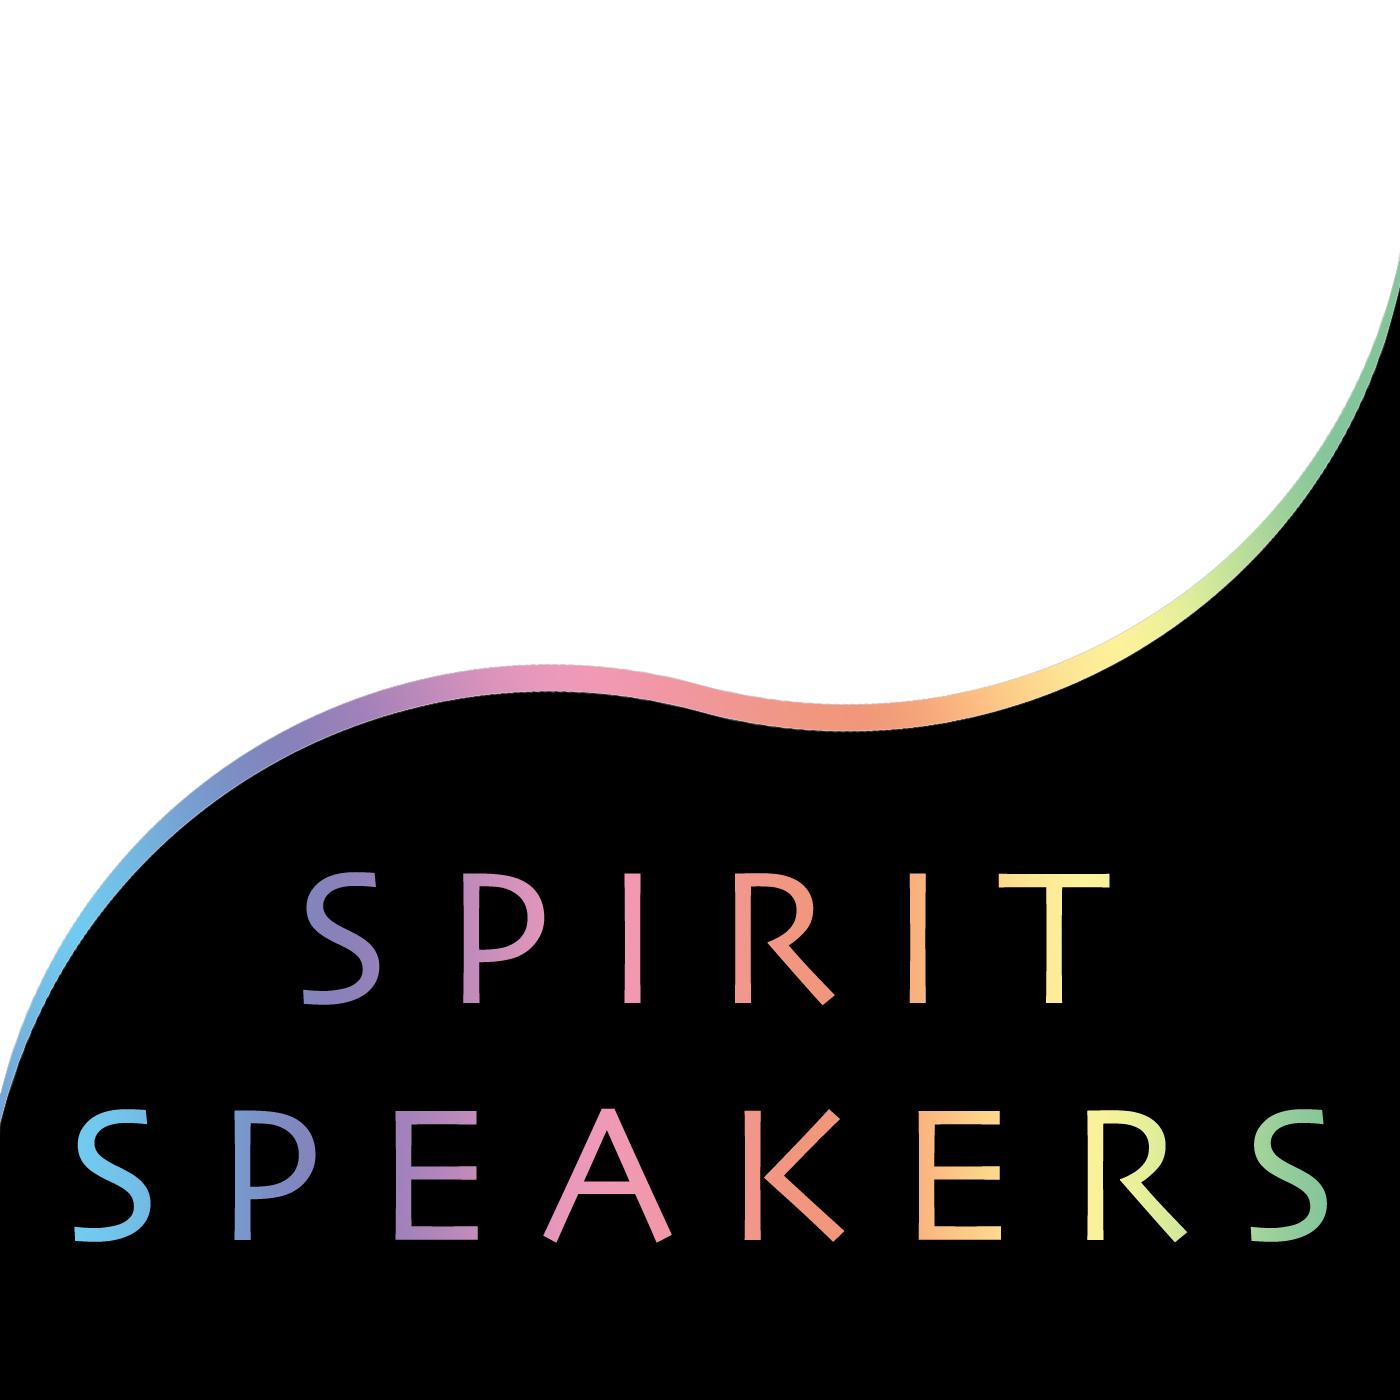 spiritspeakers.jpg